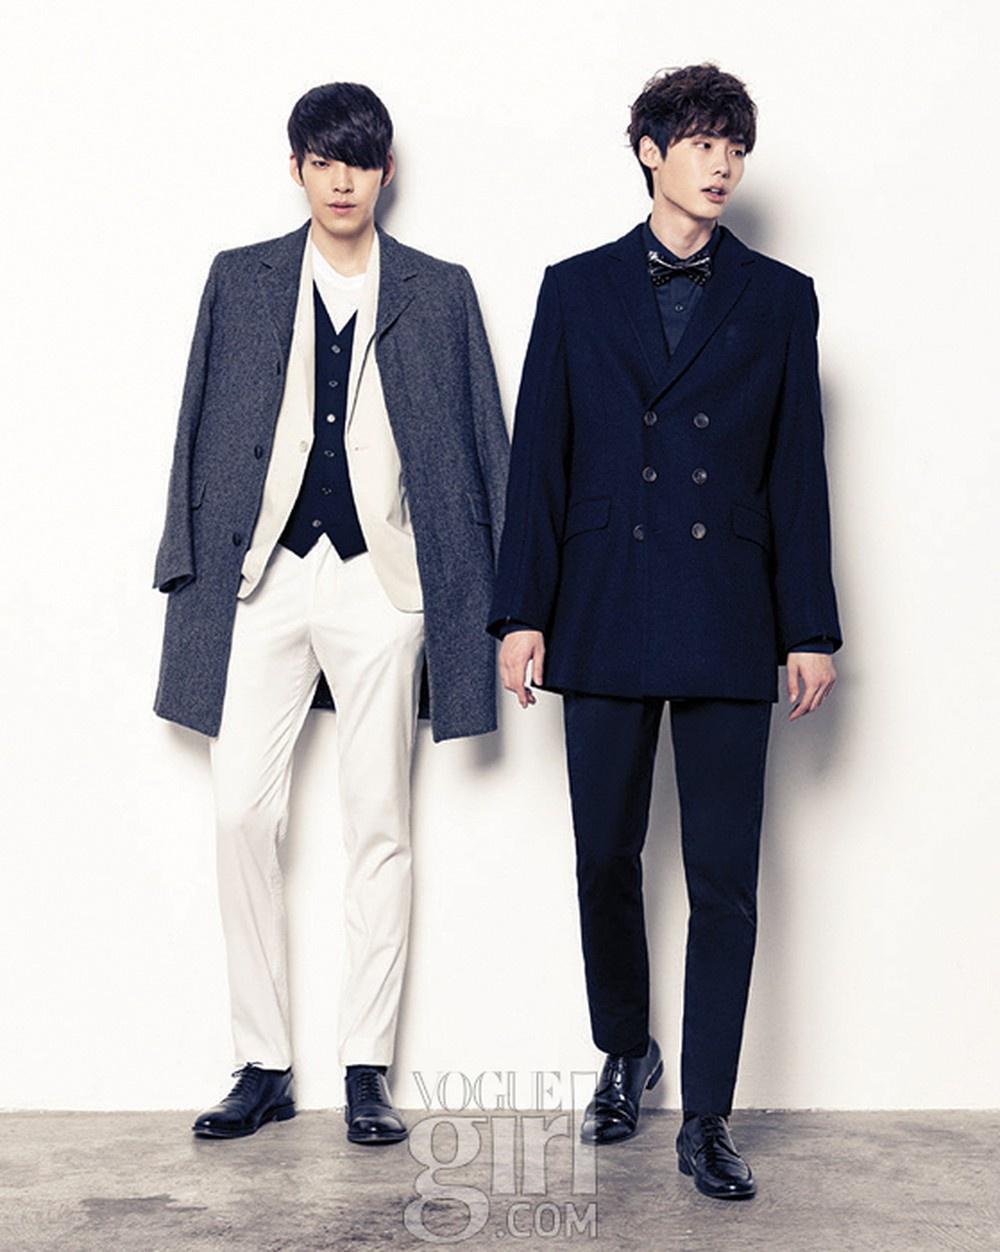 Lee Min Ho và những sao nam có chiều cao trên 1,85 m của showbiz Hàn - Ảnh 13